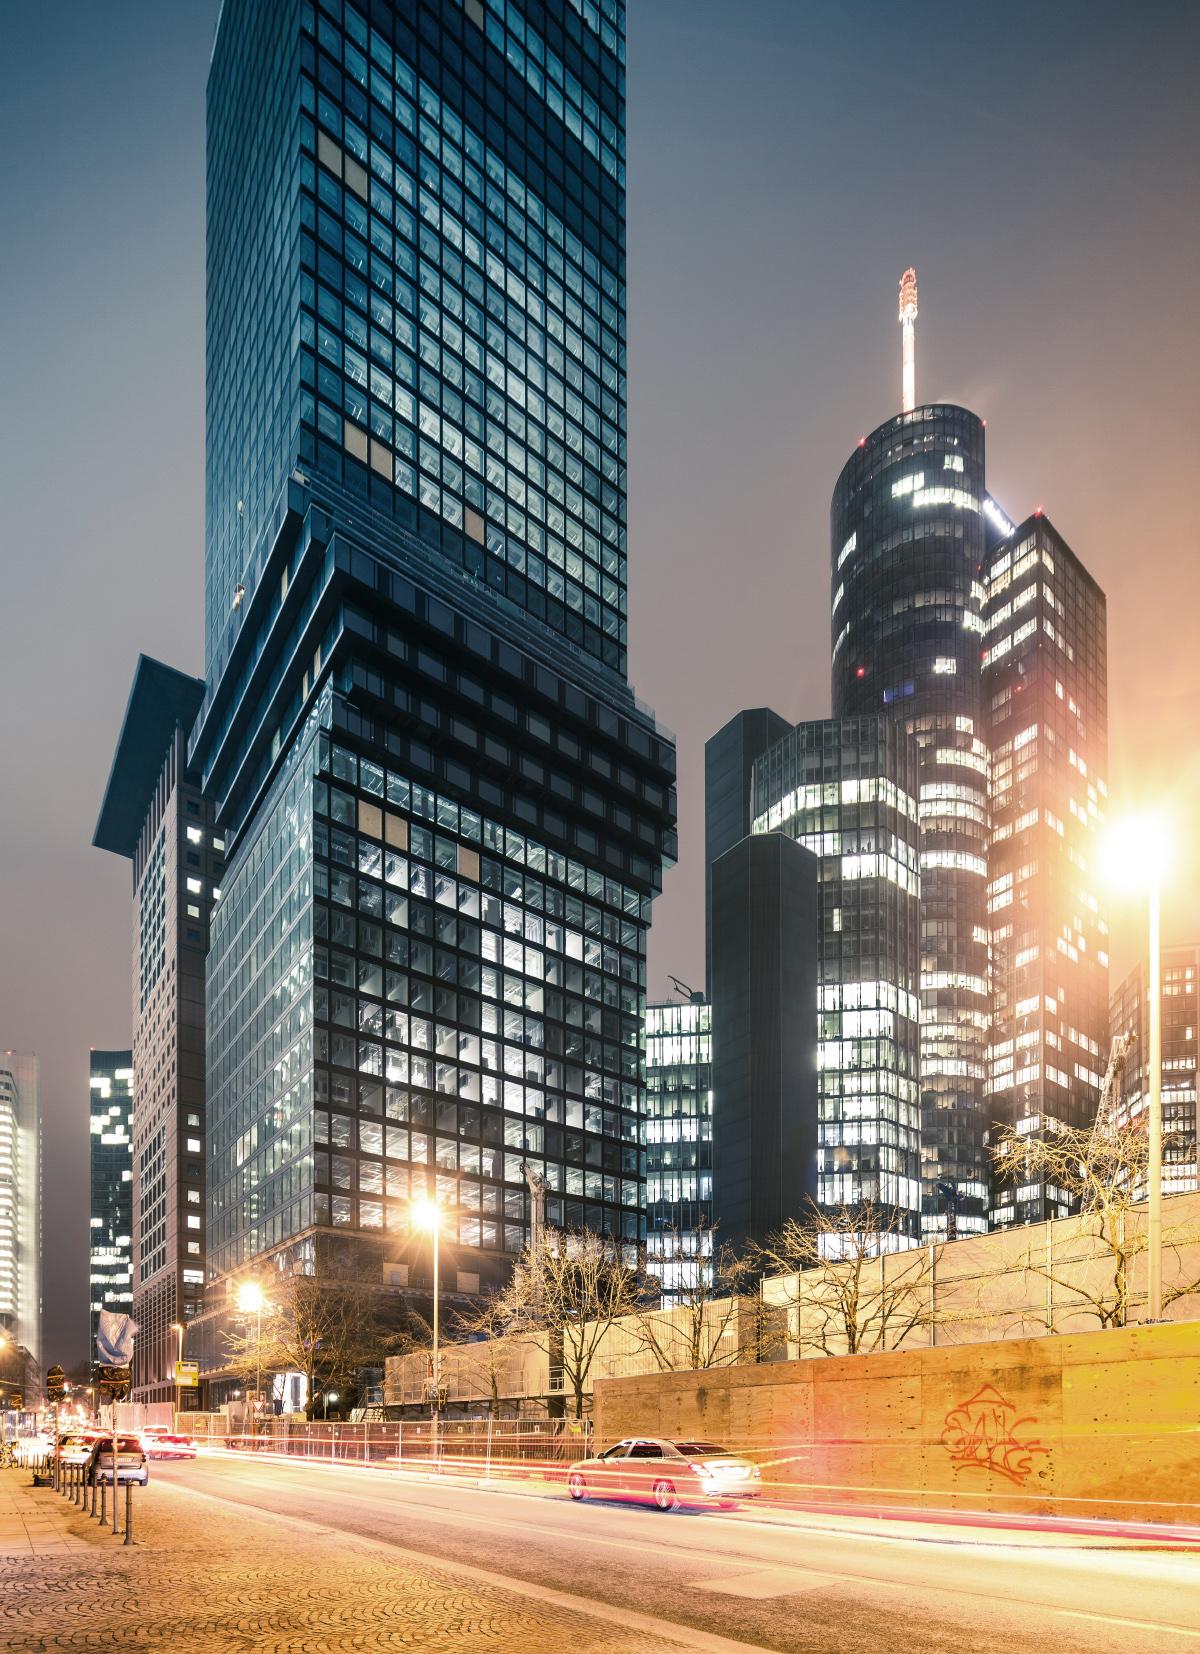 Bild: http://www.telesniuk.com/frankfurt/Frankfurt-382_s.jpg